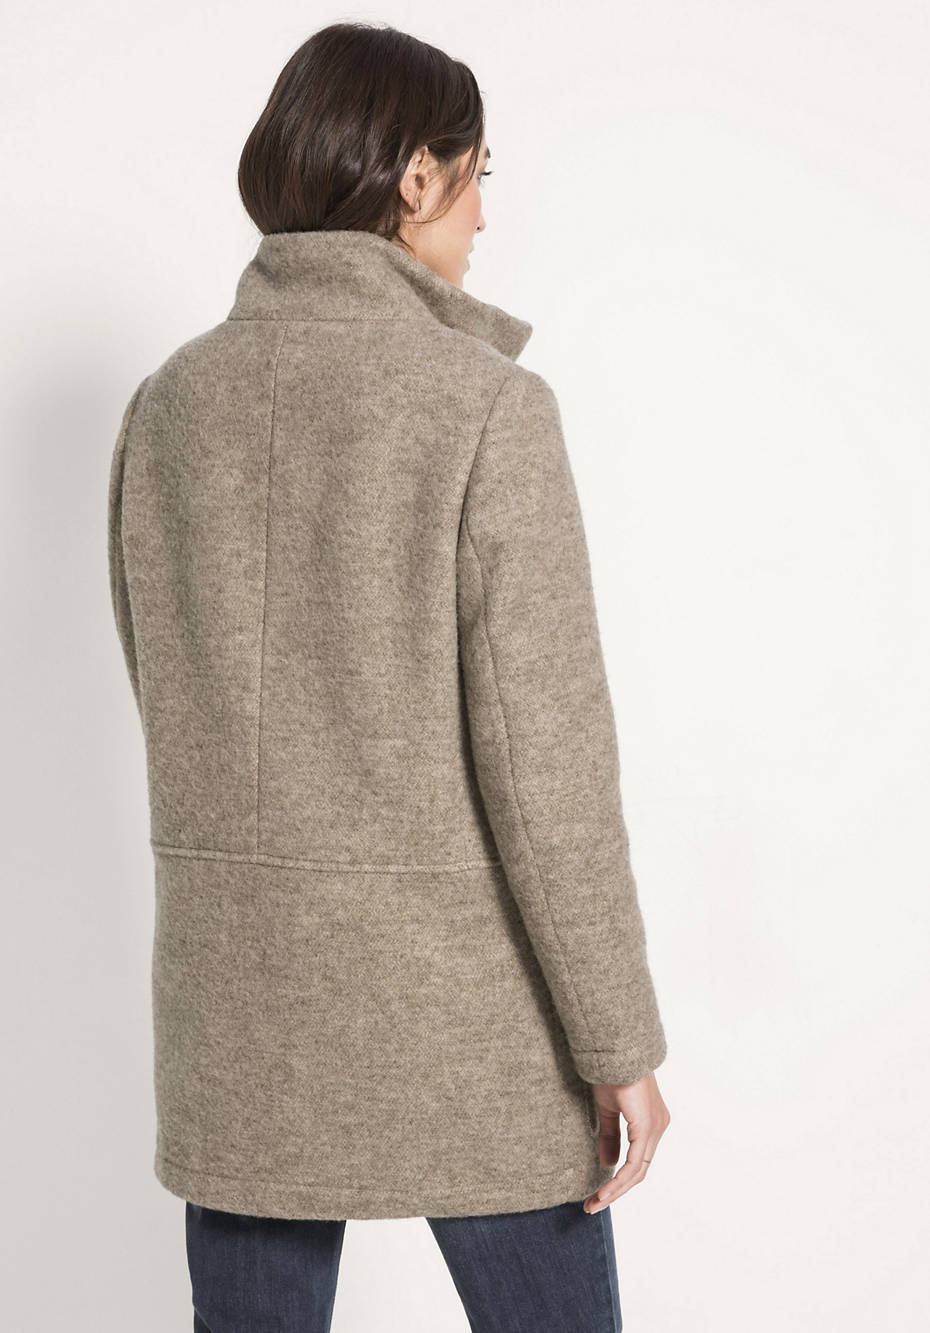 Jacke aus reiner Schurwolle vom Rhönschaf